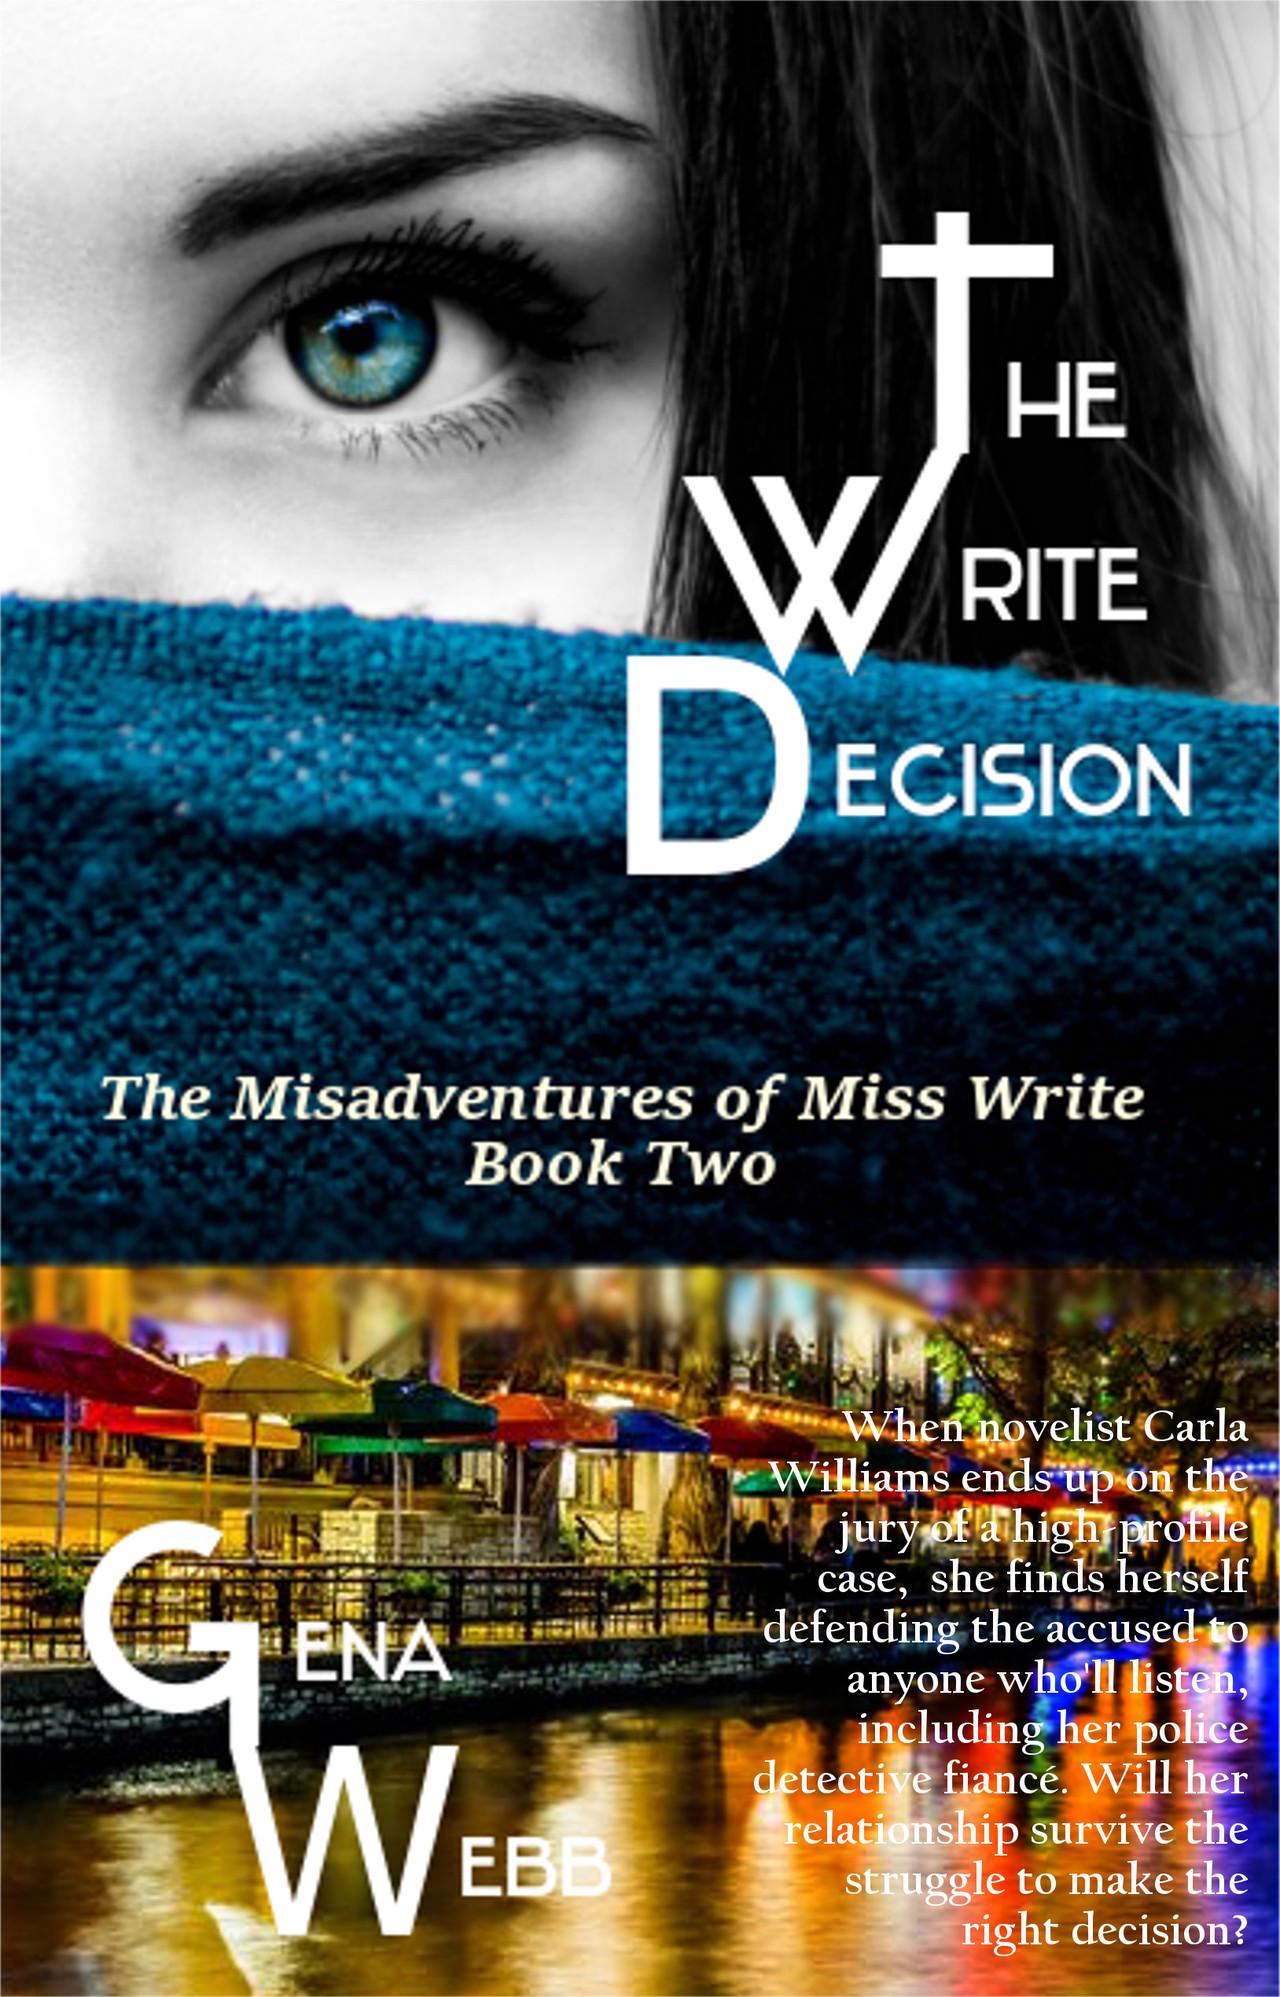 Twd ebook cover 07022019